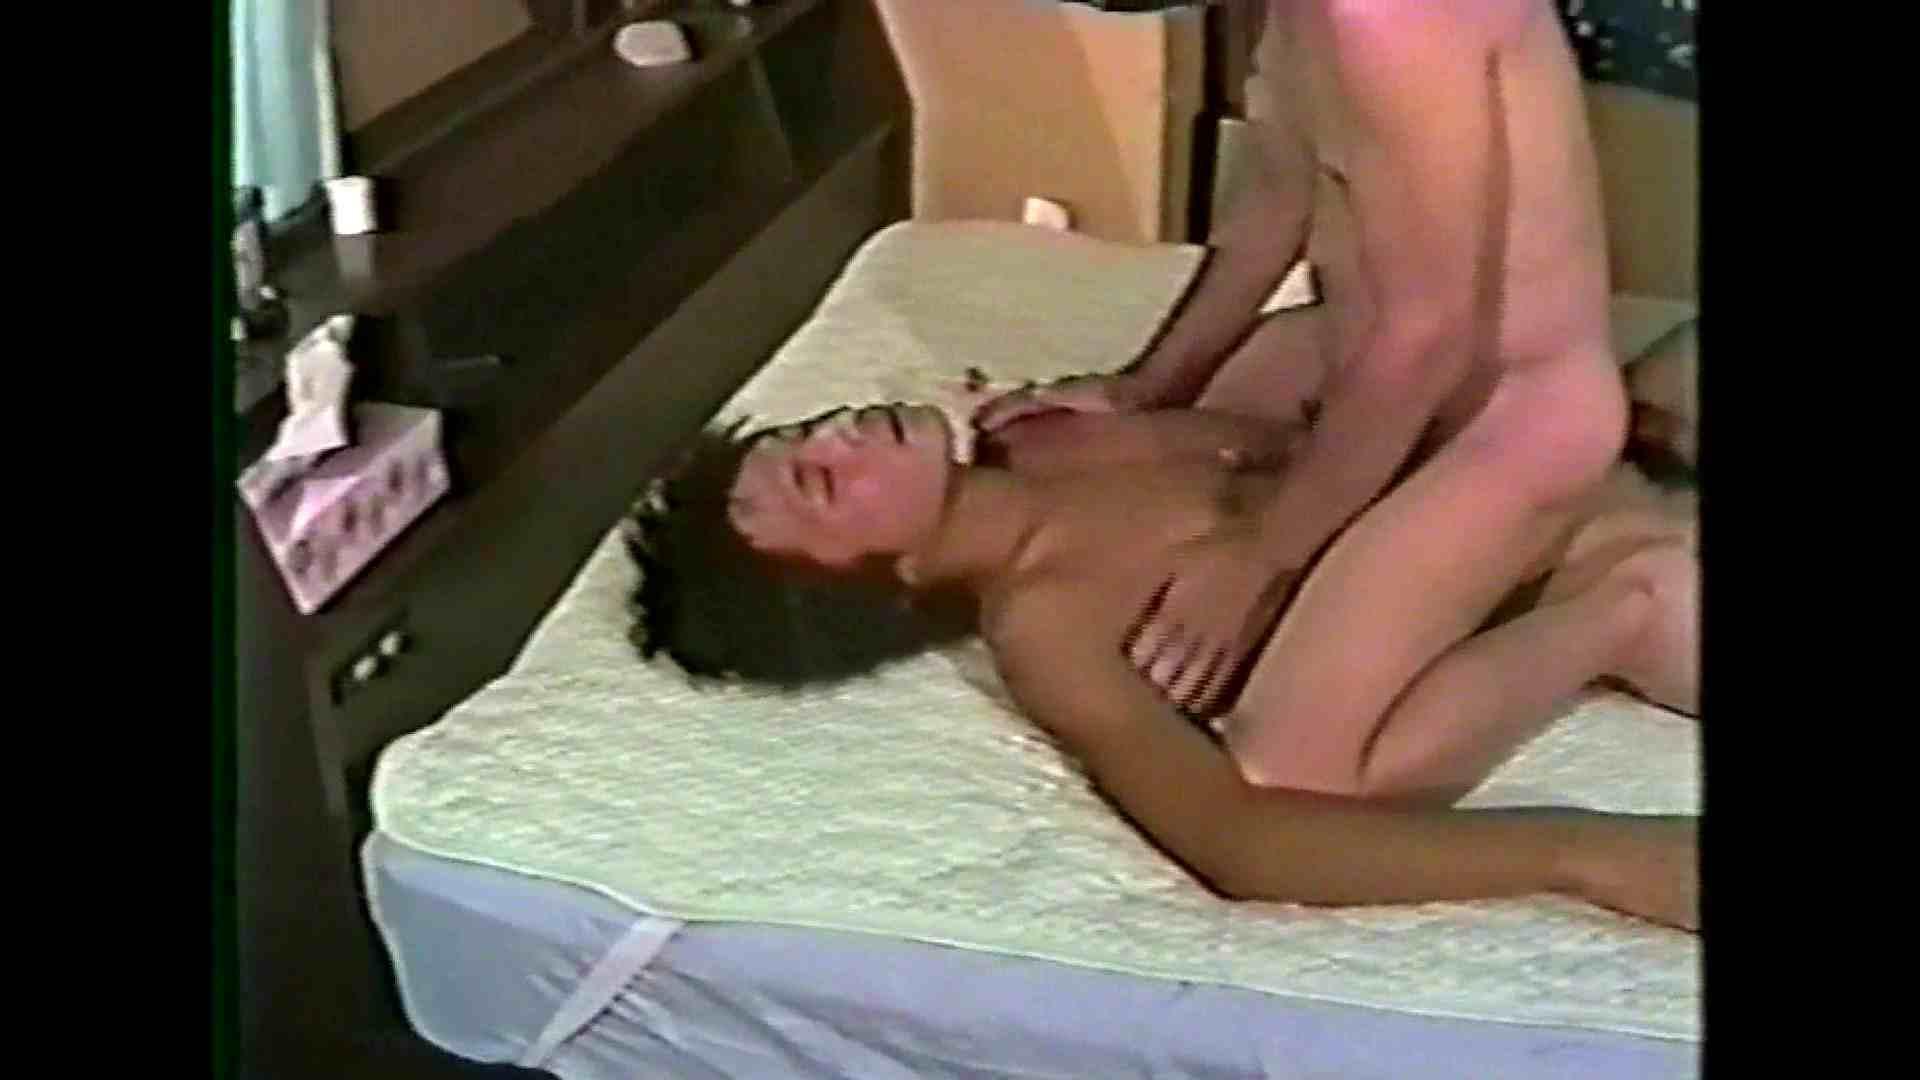 GAYBOY宏のオカズ倉庫Vol.3-2 完全無修正   GAY  101枚 25